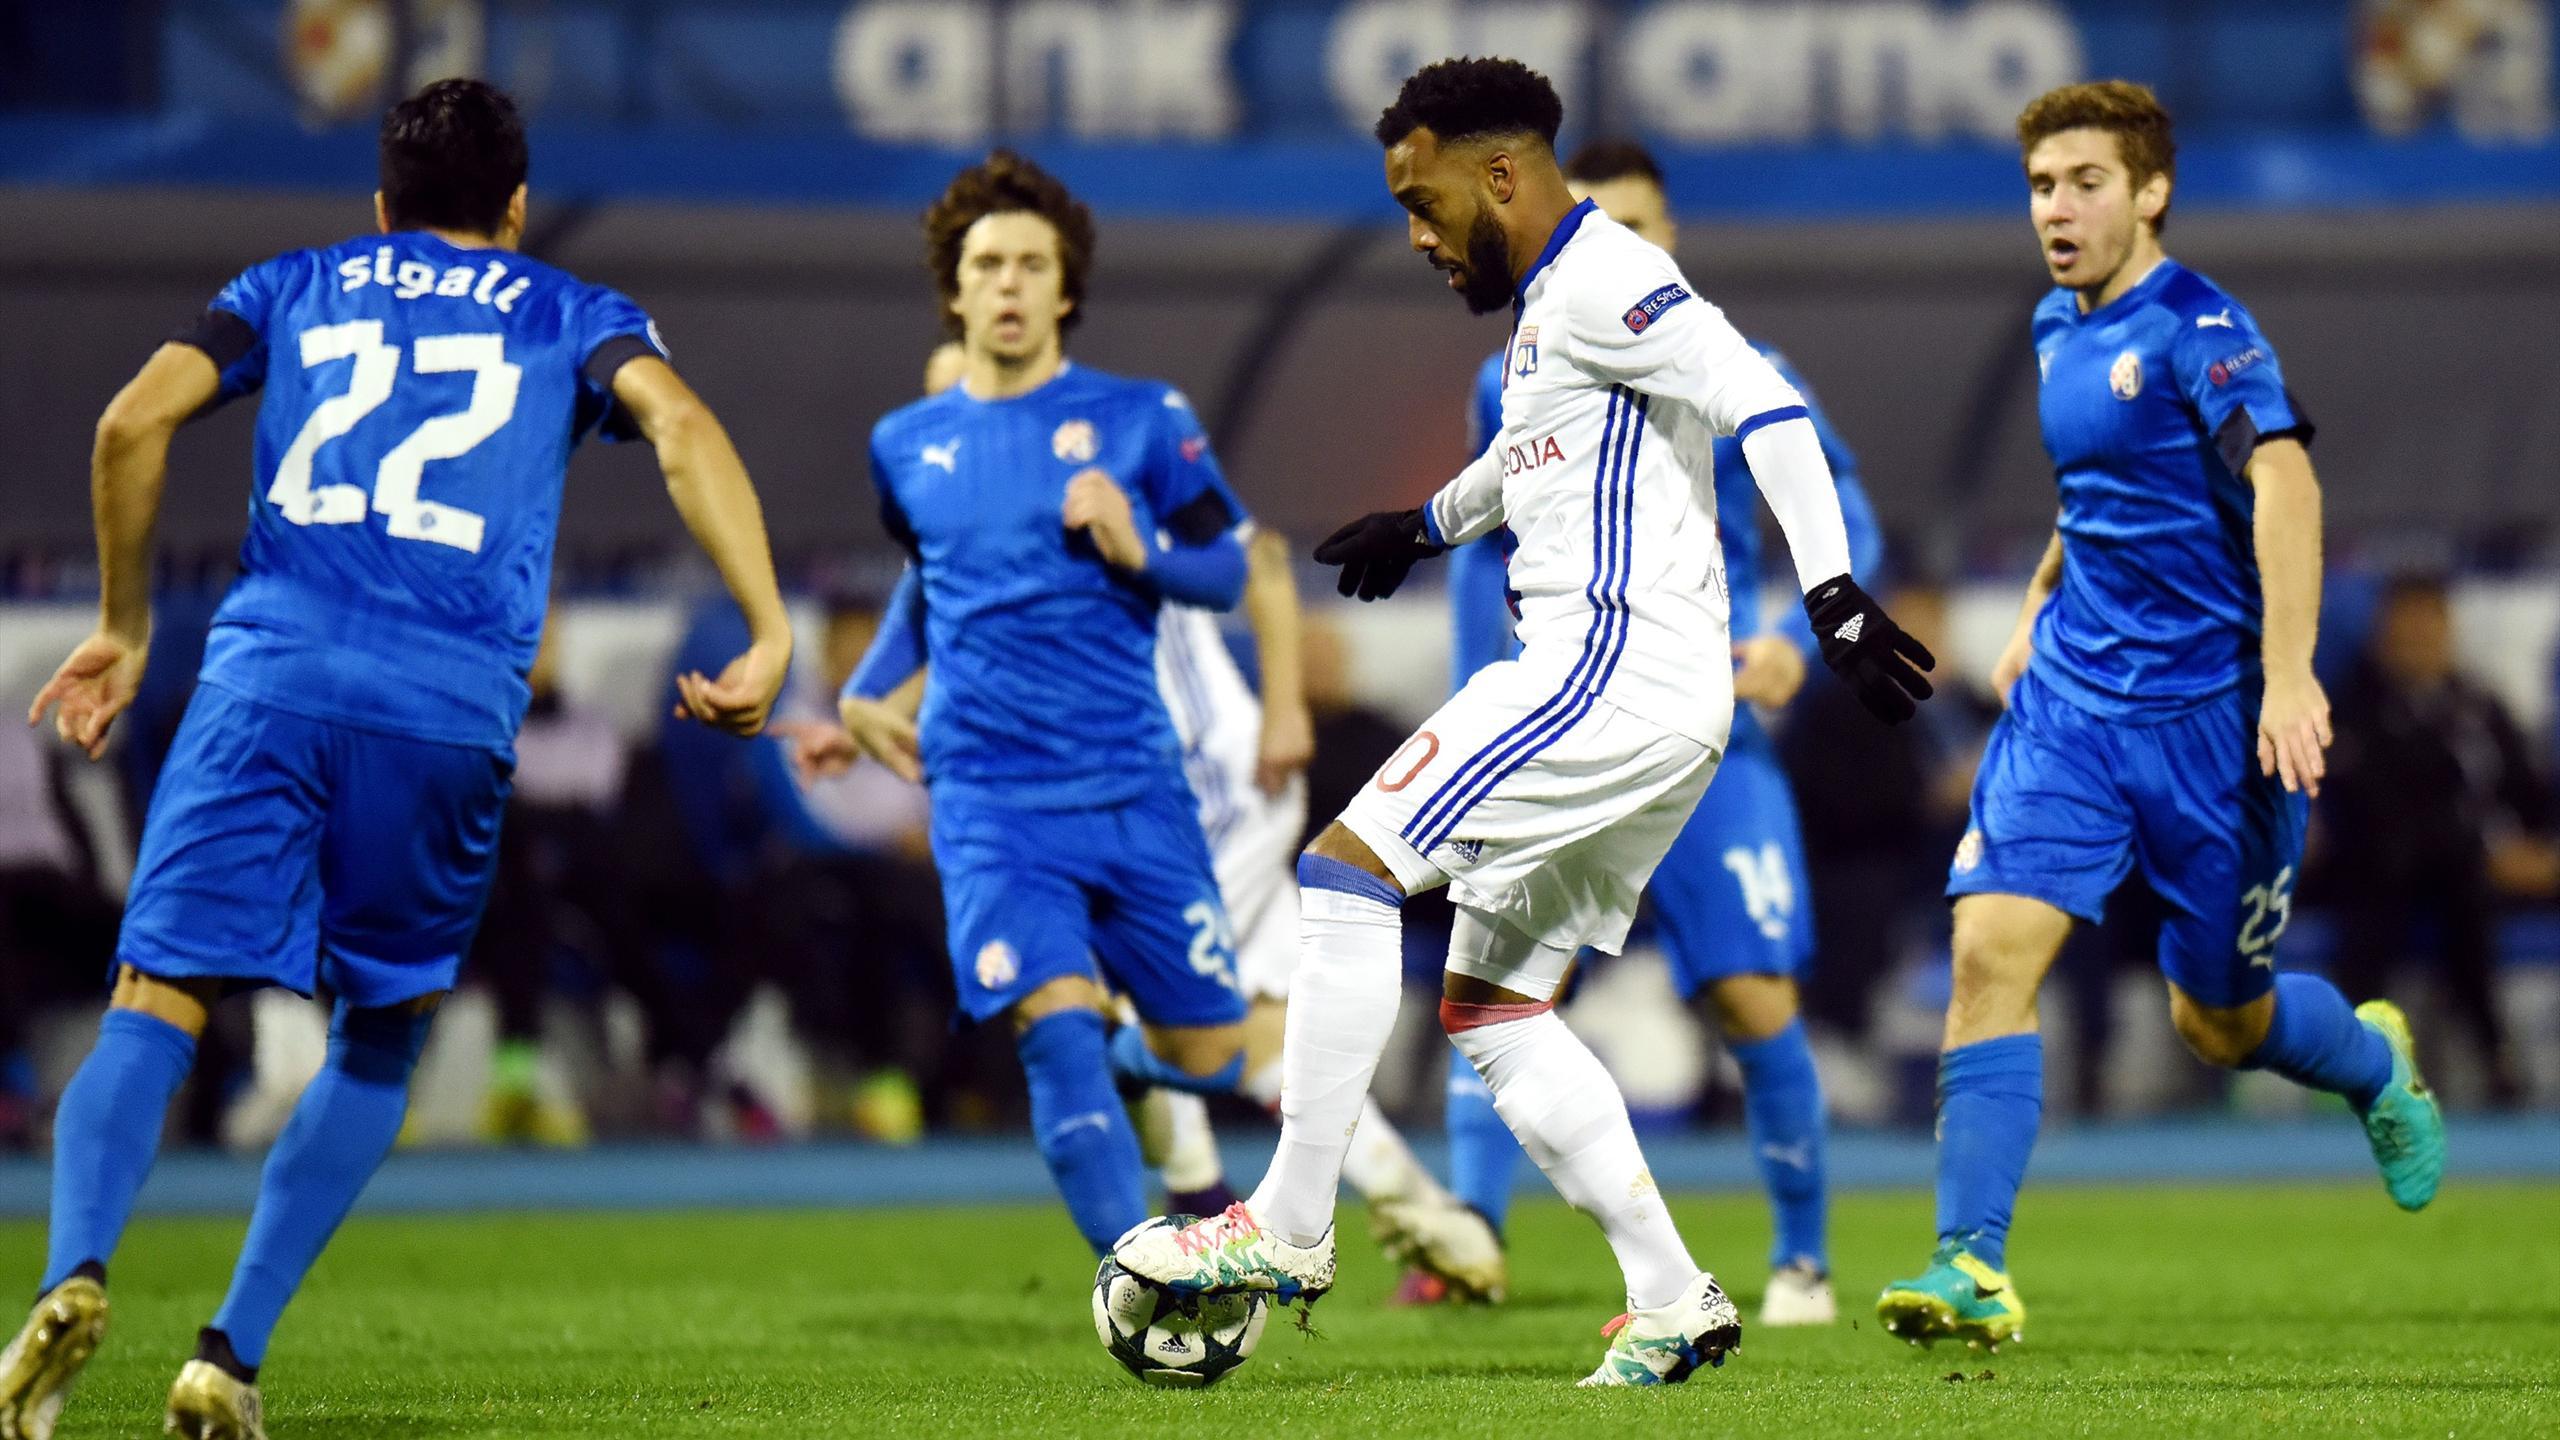 Alexandre Lacazette et l'Olympique lyonnais butent sur le bloc du Dinamo Zagreb